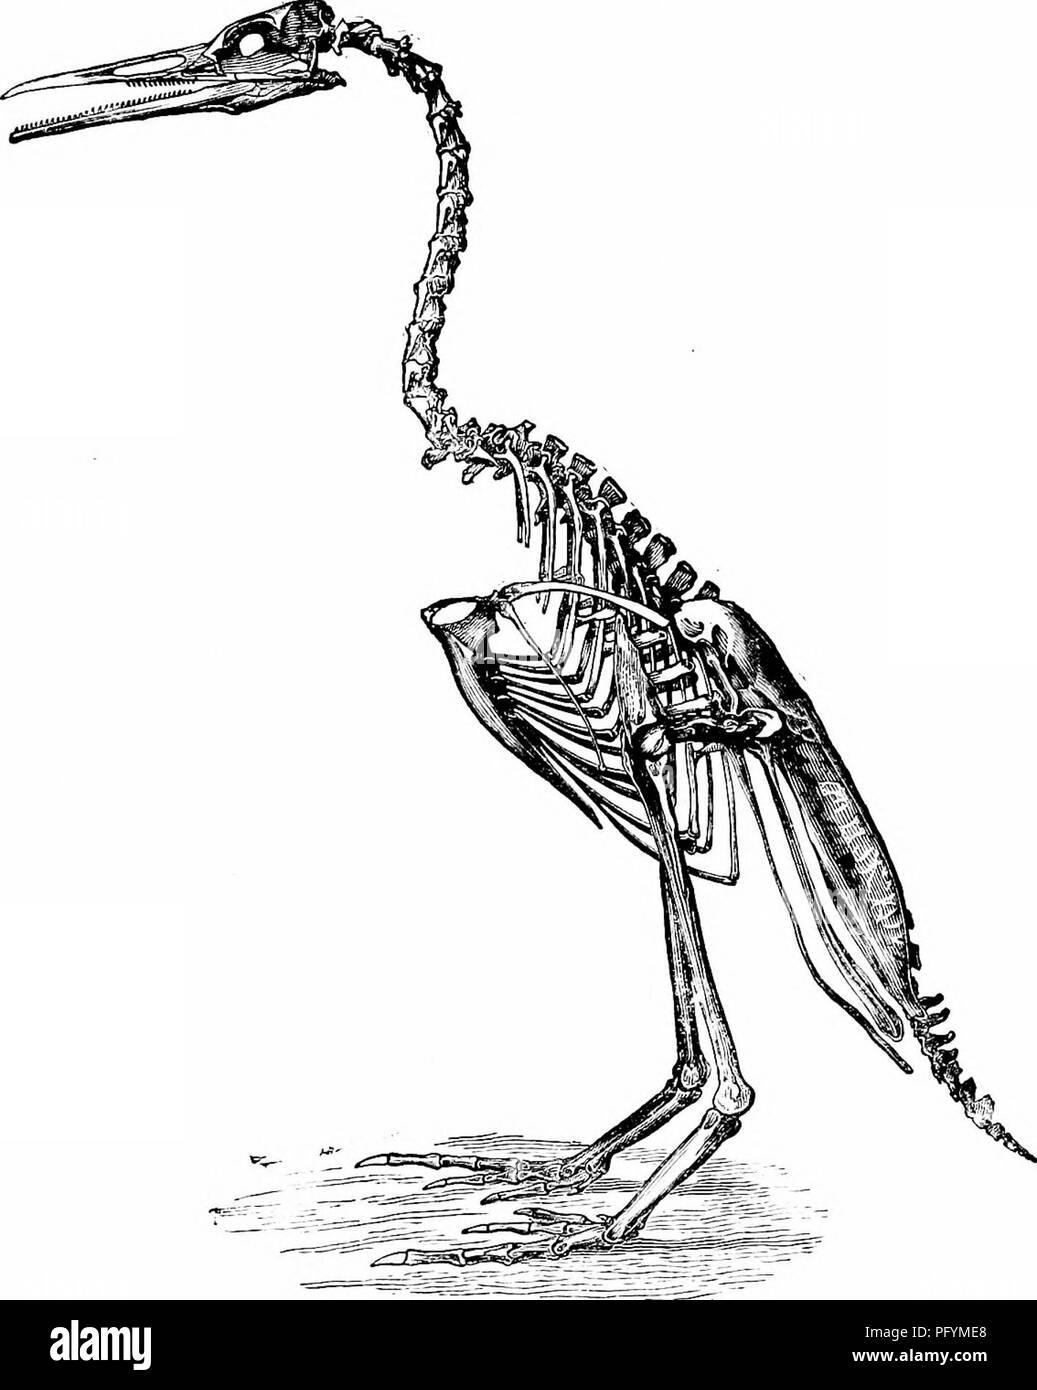 """. Clave para las aves de América del Norte. Contiene una reseña concisa de cada una de las especies de aves que viven y fósiles en la actualidad conoce desde el continente al norte de la frontera de México y de los Estados Unidos, inclusive de Groenlandia y de Baja California, con el que se incorporan la ornitología en general: un resumen de la estructura y clasificación de las aves; y la ornitología de campo, un manual de recogida, preparación y conservación de las aves. Las aves; aves; 1887. Definición de aves"""". 63 icnitas fósiles, el así llamado porque supone la presencia de aves iudicate hy tlicir impresiones de pie, se descubrieron la yea abtiut Foto de stock"""